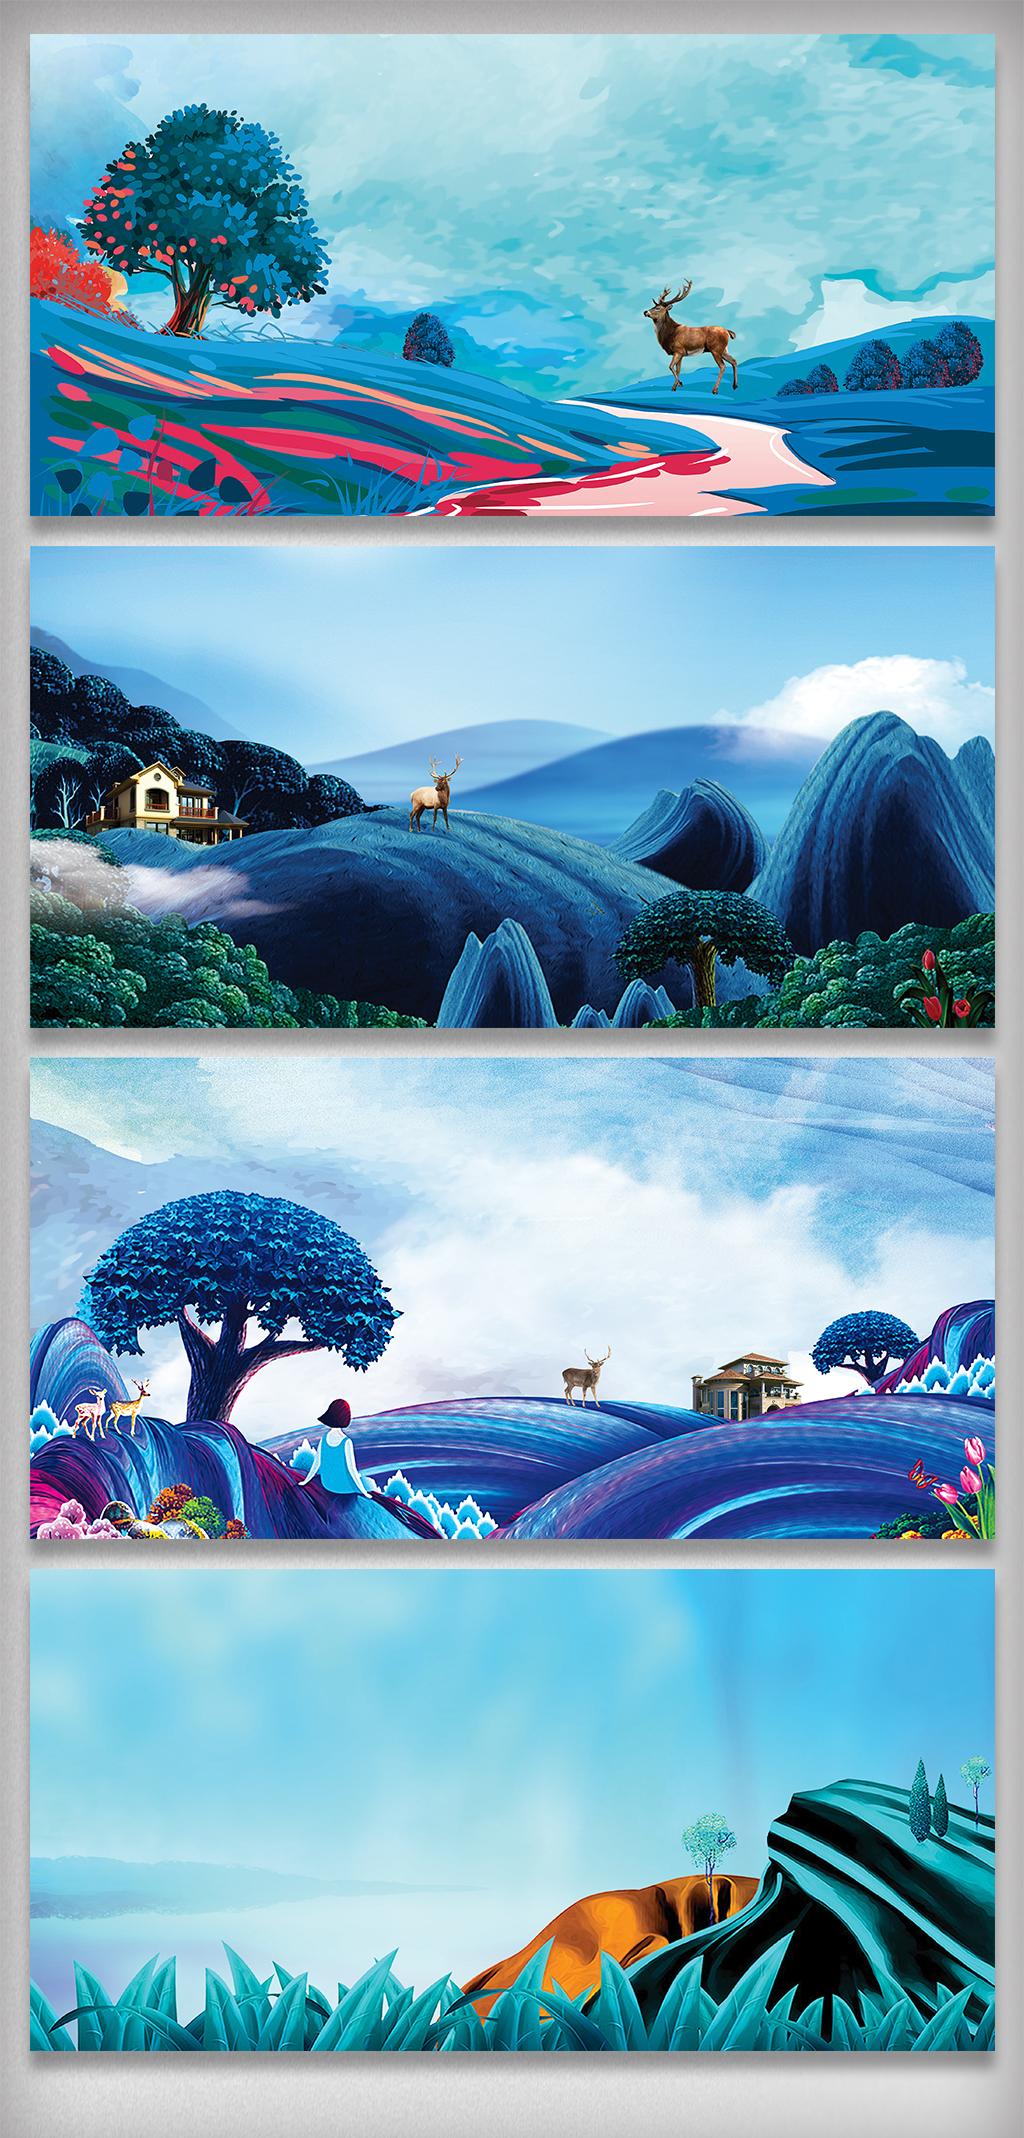 手绘风景插画海报展板背景素材